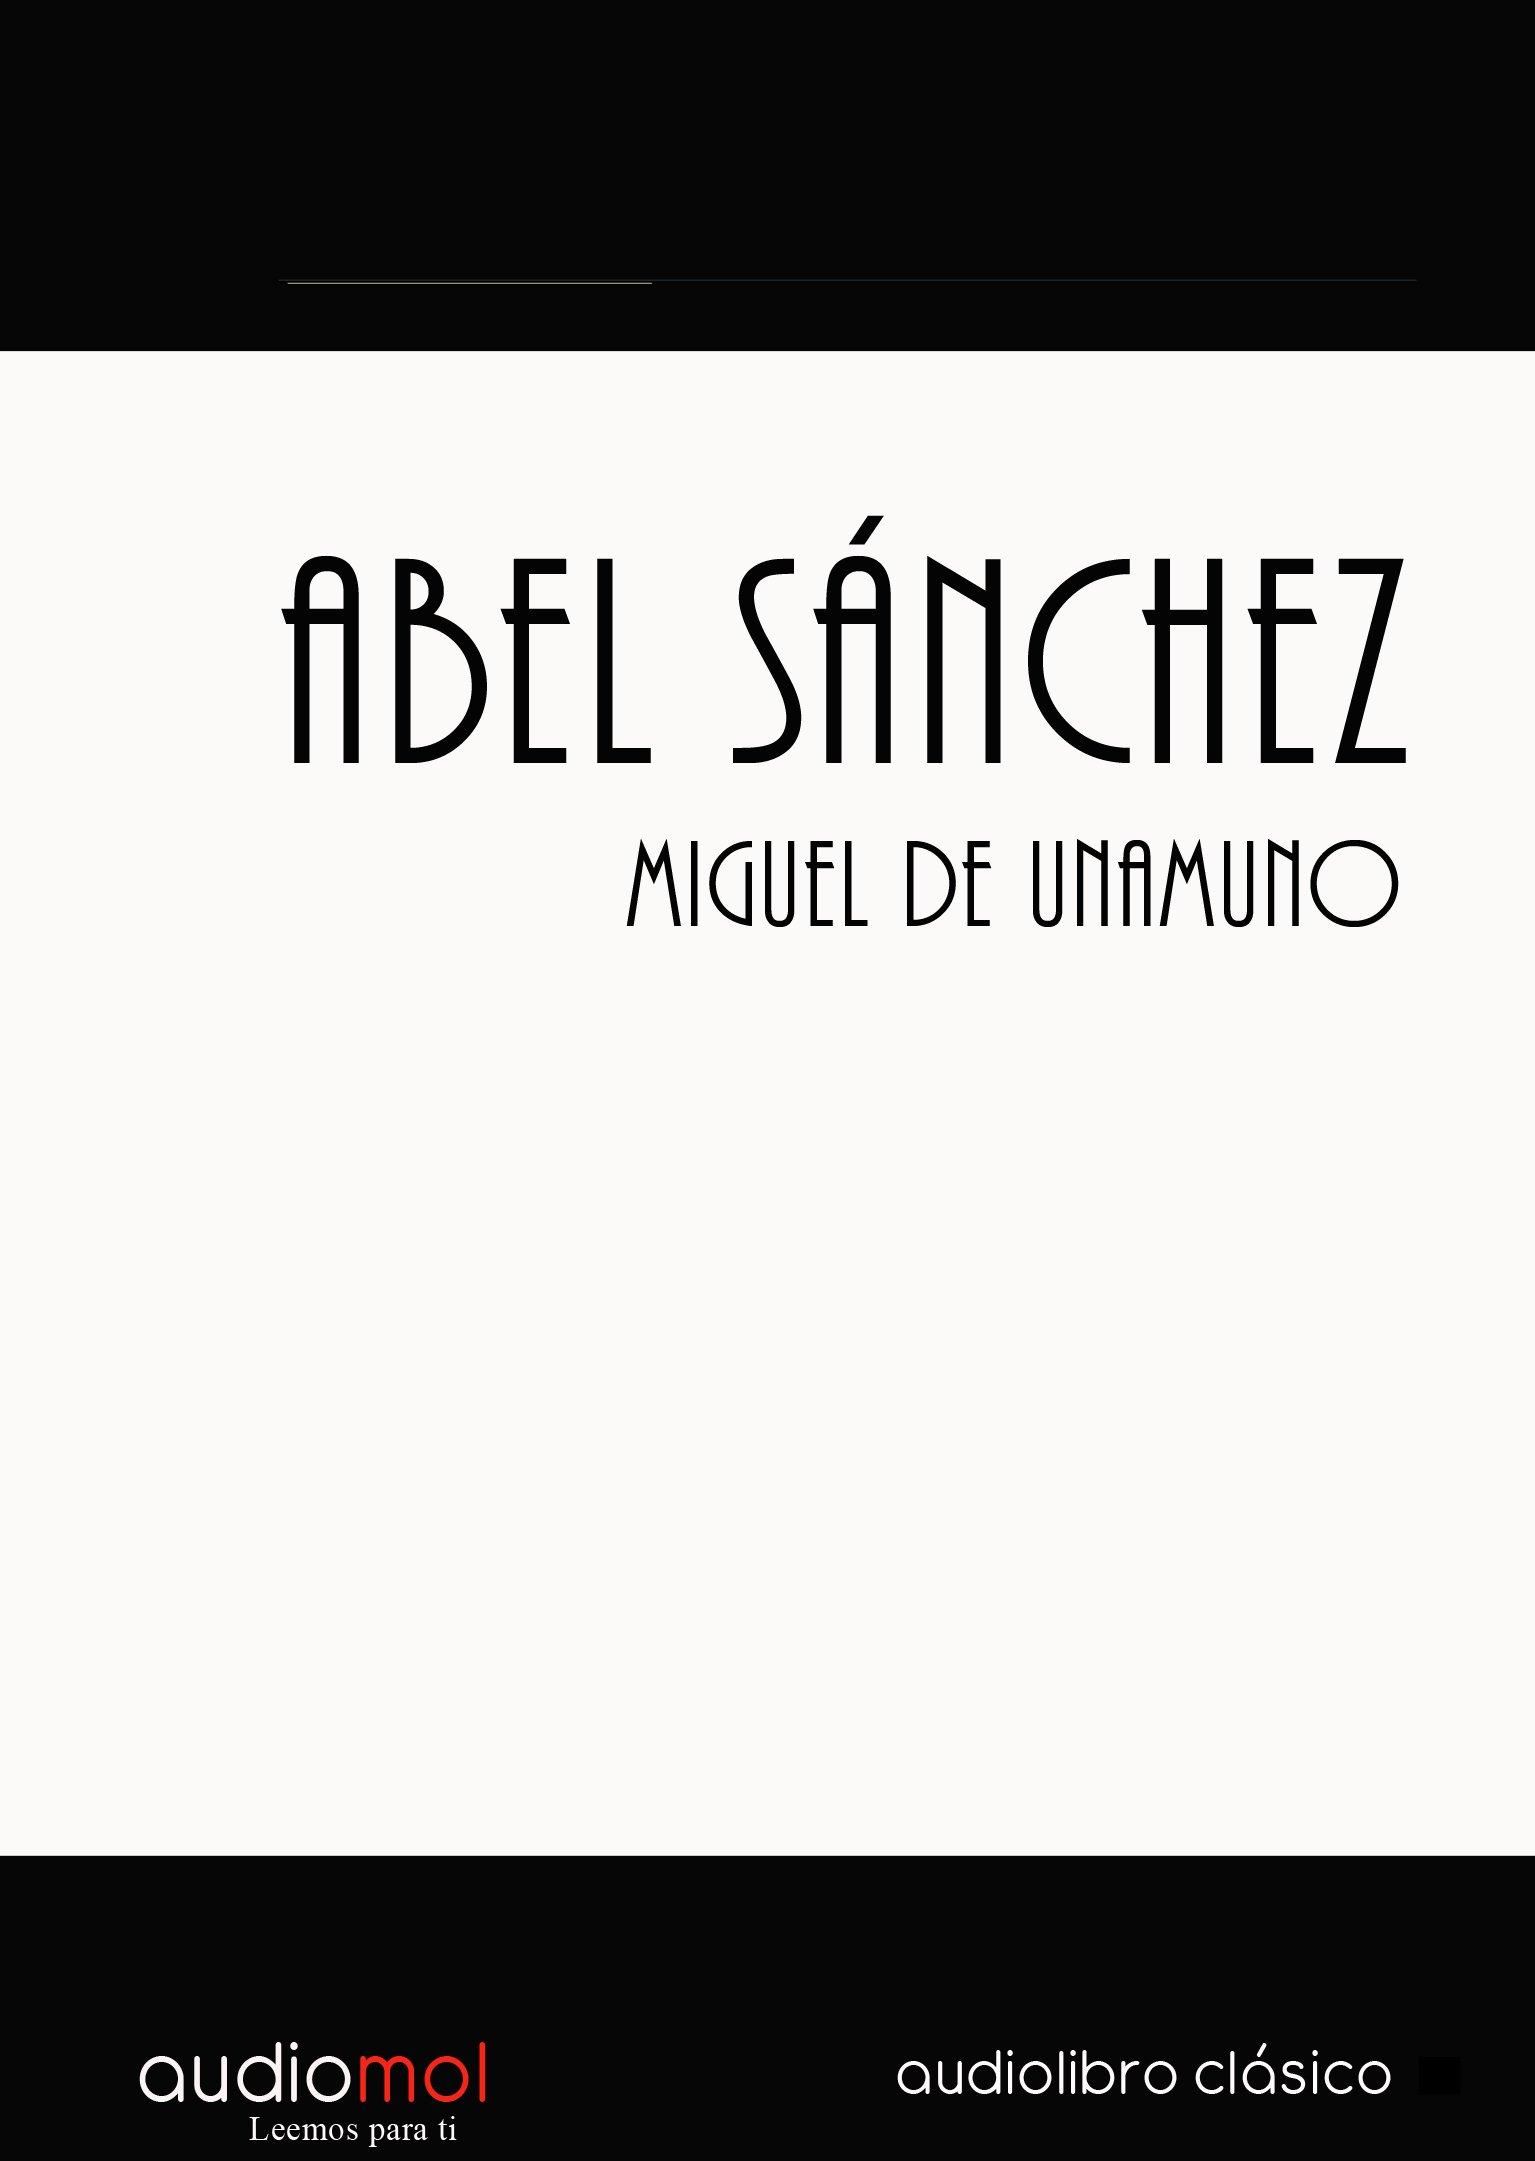 Abel Sánchez.Audiolibro. Cd Mp3: Amazon.es: Miguel de Unamuno: Libros